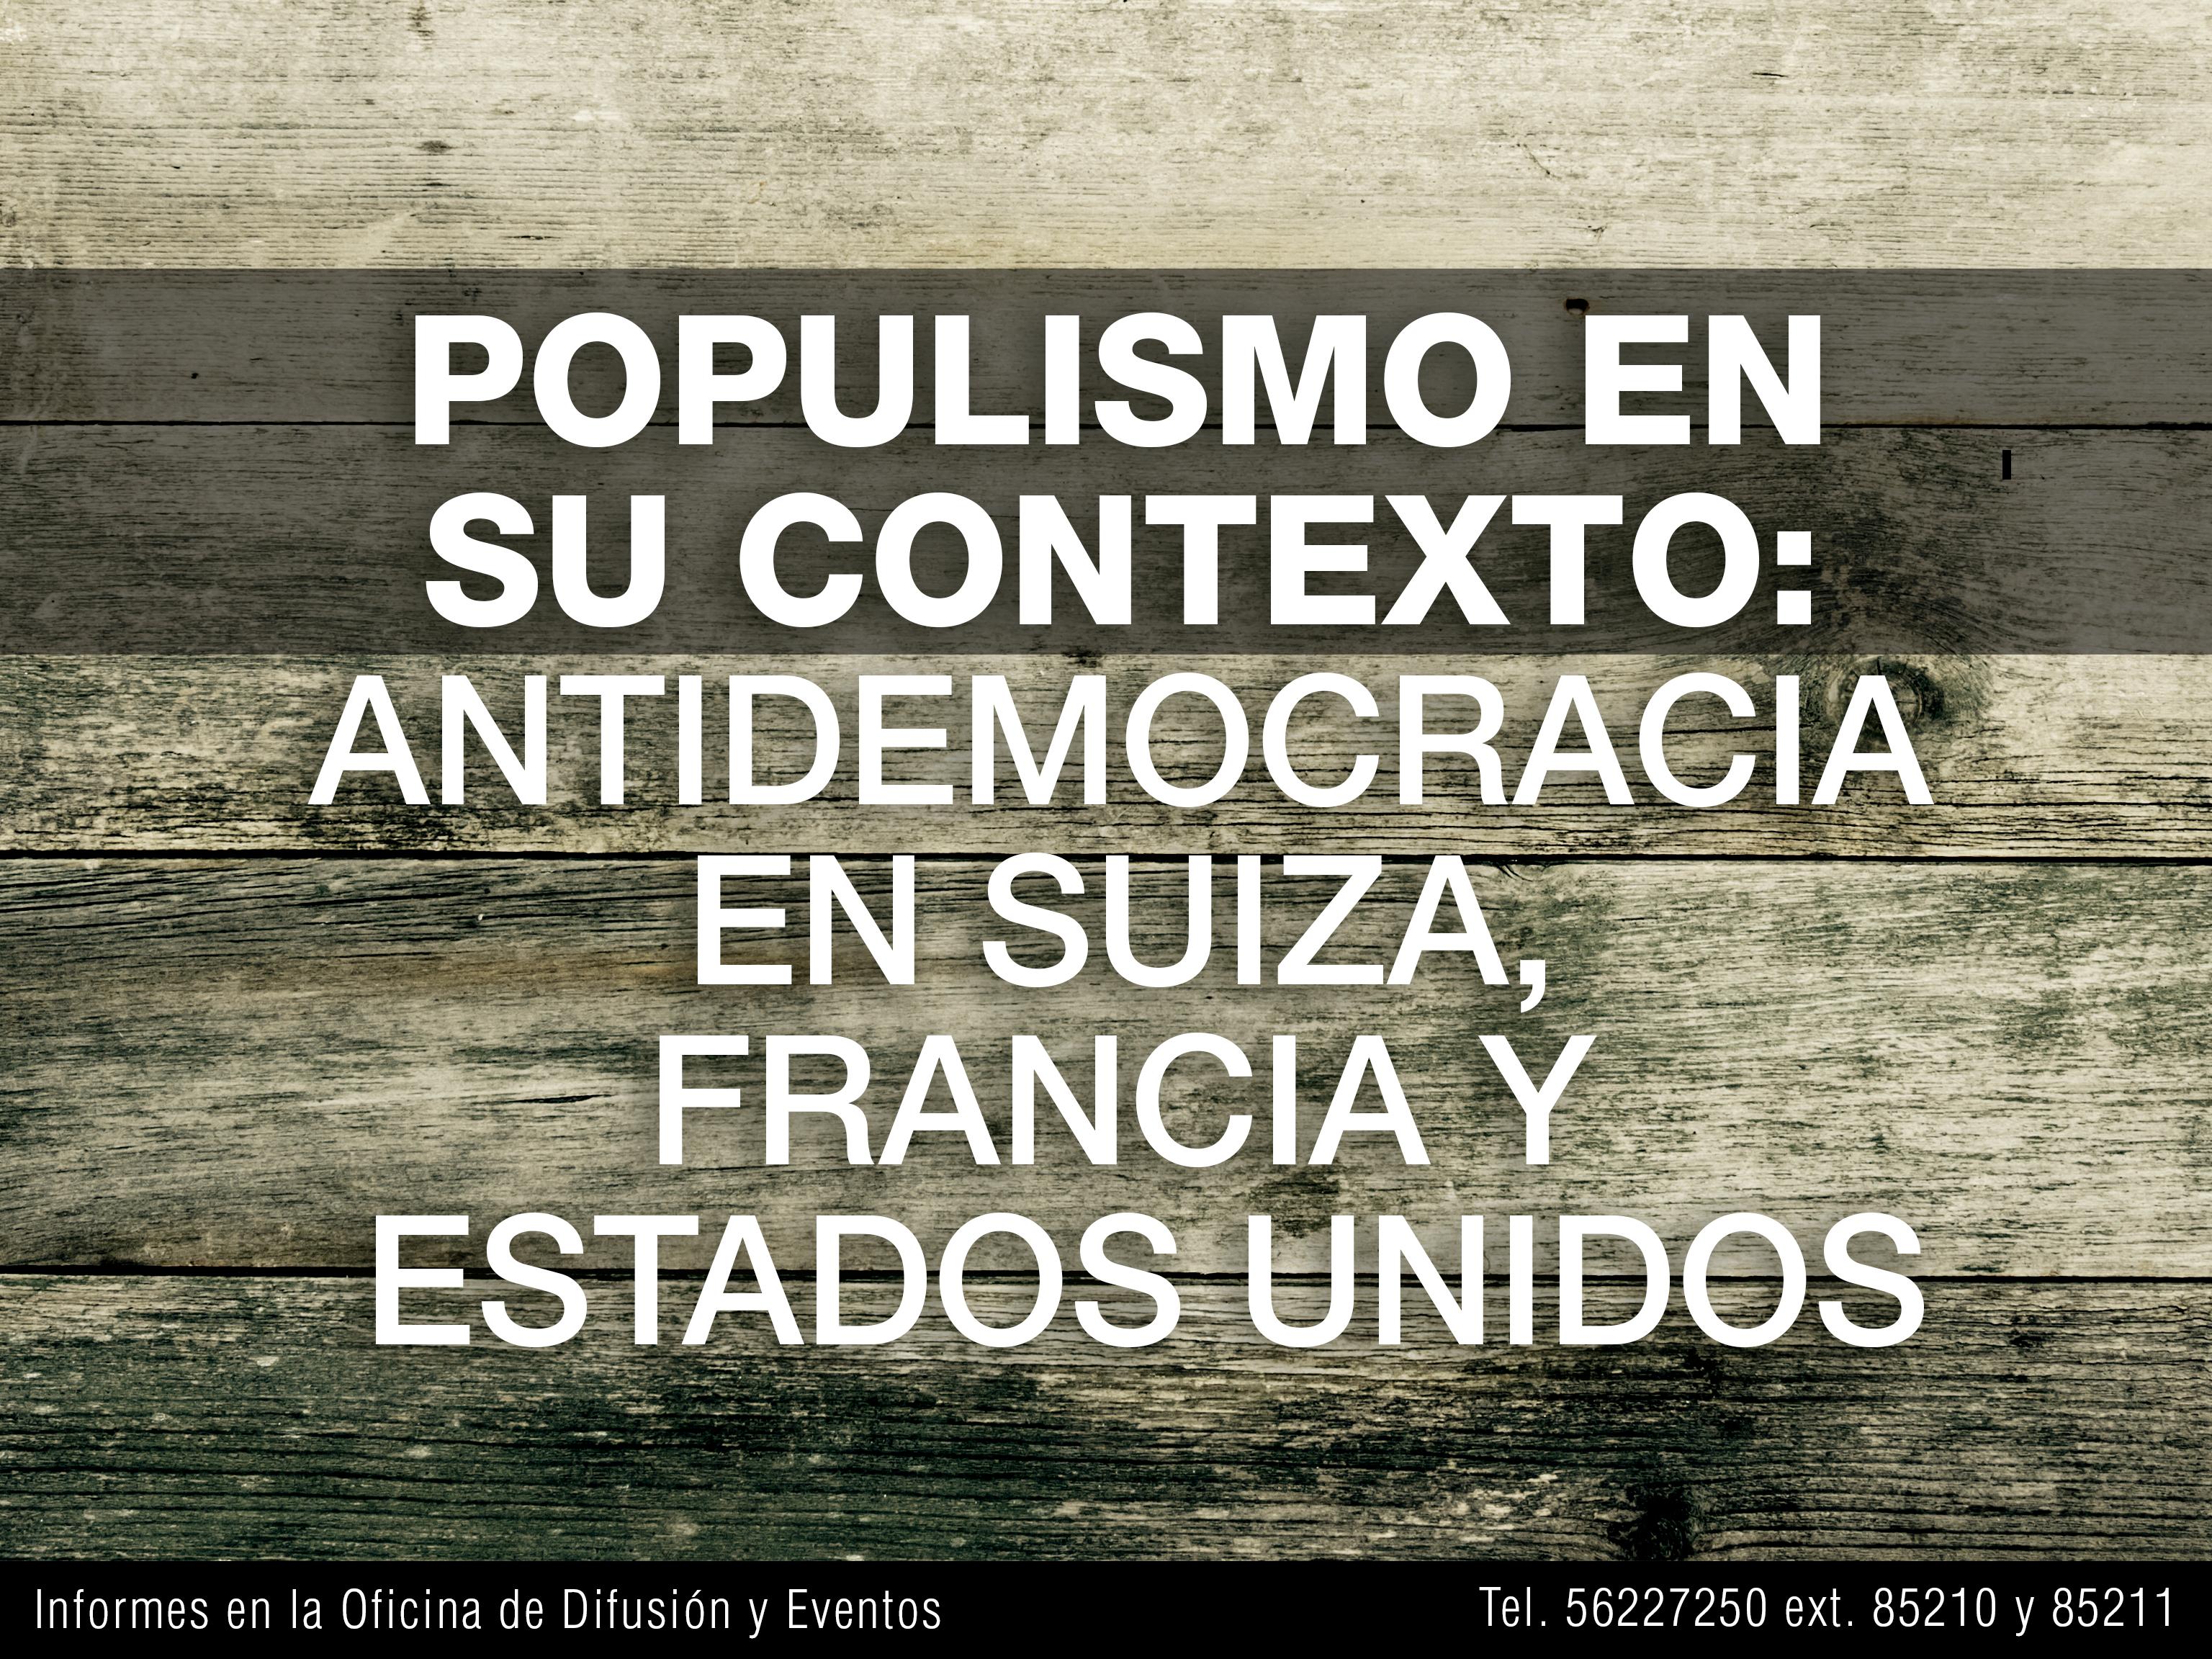 Populismo en su contexto: antidemocracia en  Suiza, Francia y Estados Unidos